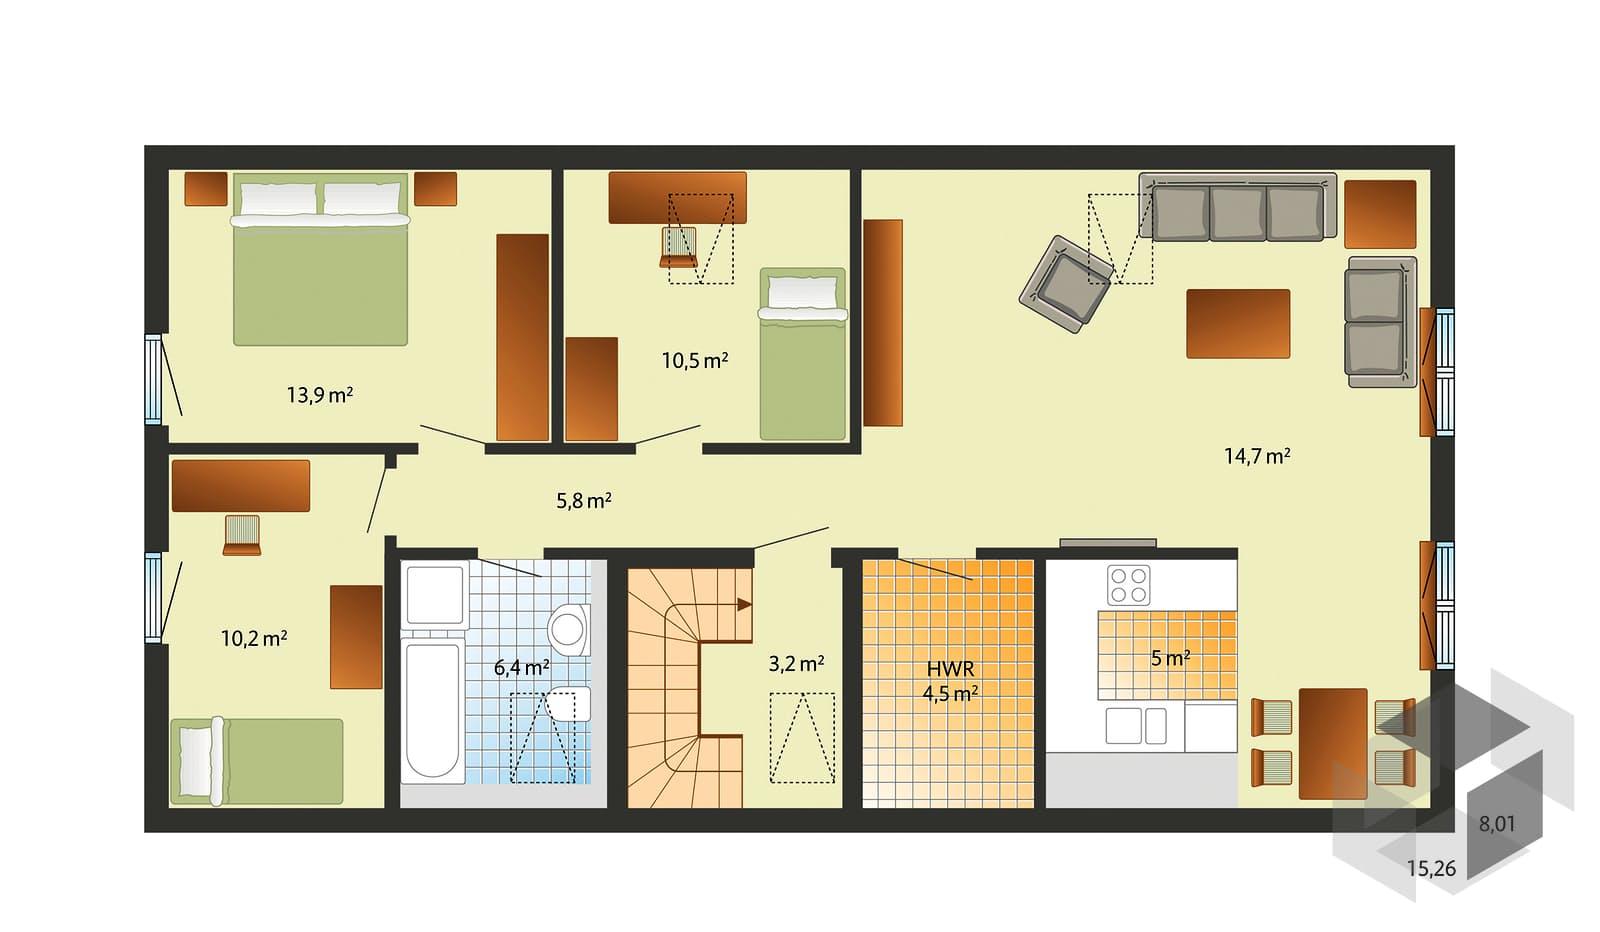 kopenhagen von danhaus komplette daten bersicht. Black Bedroom Furniture Sets. Home Design Ideas